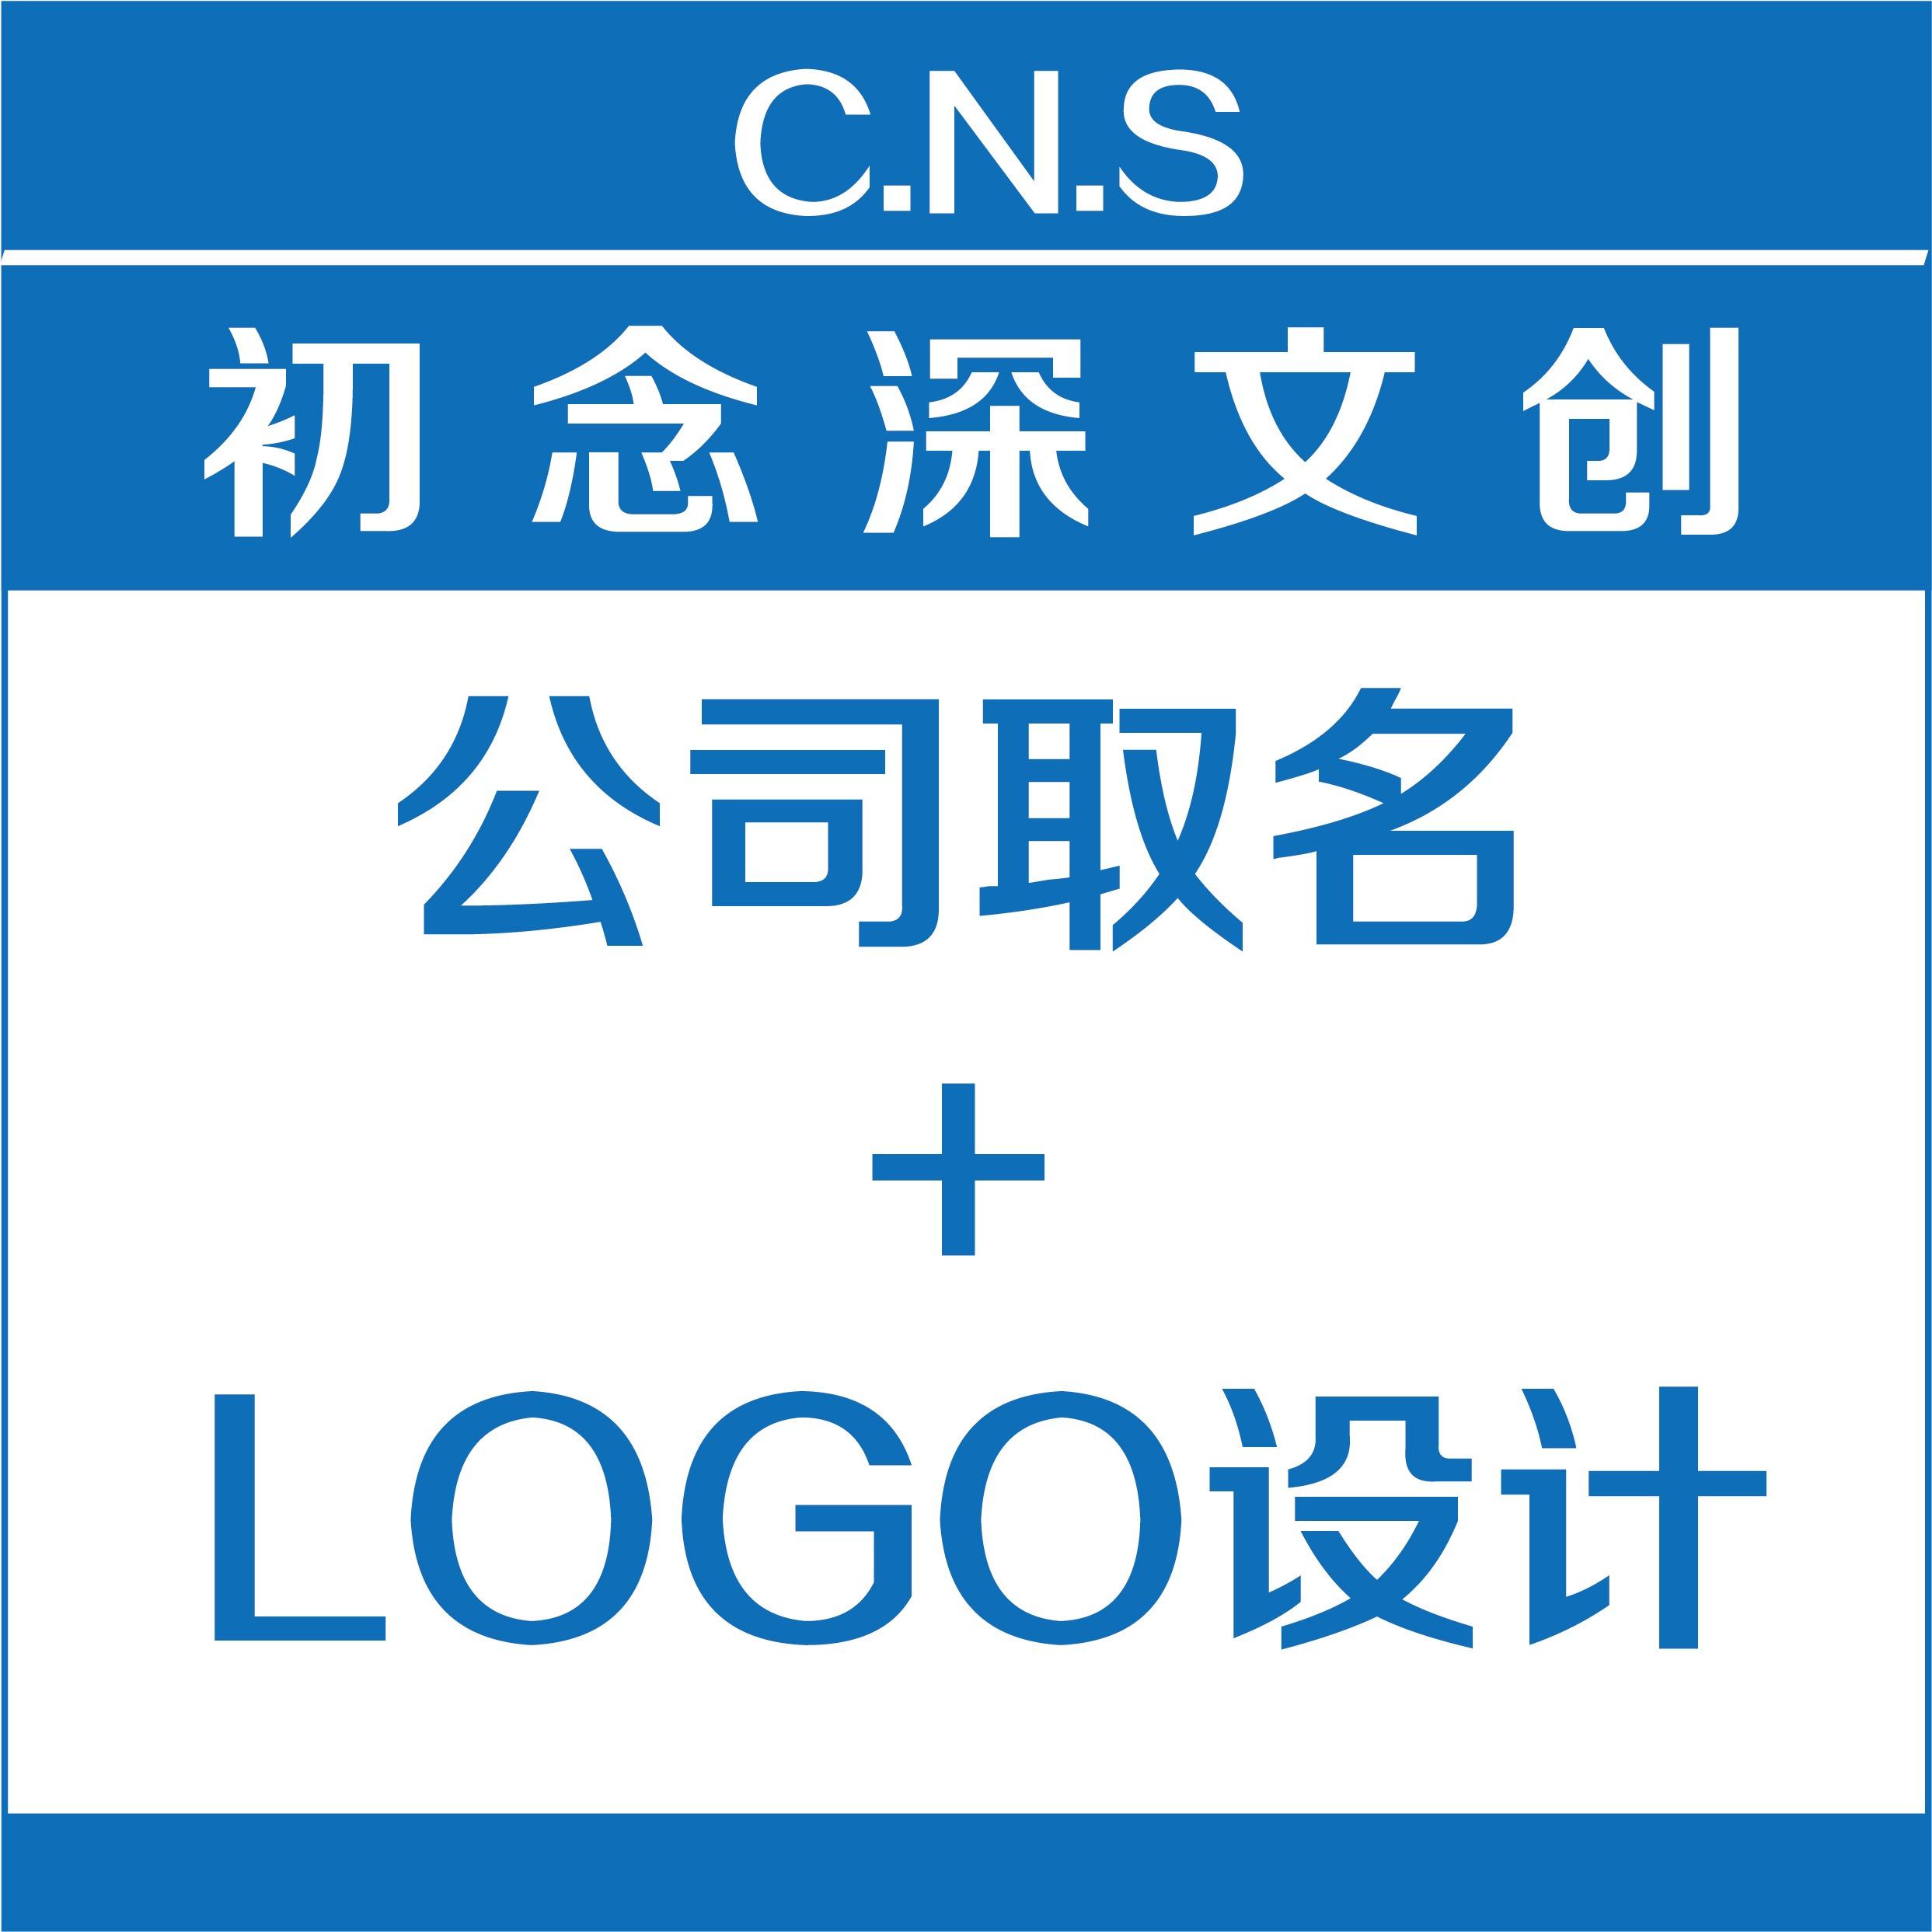 文化教育公司餐饮行业服务中介金融保险品牌取名+LOGO 设计